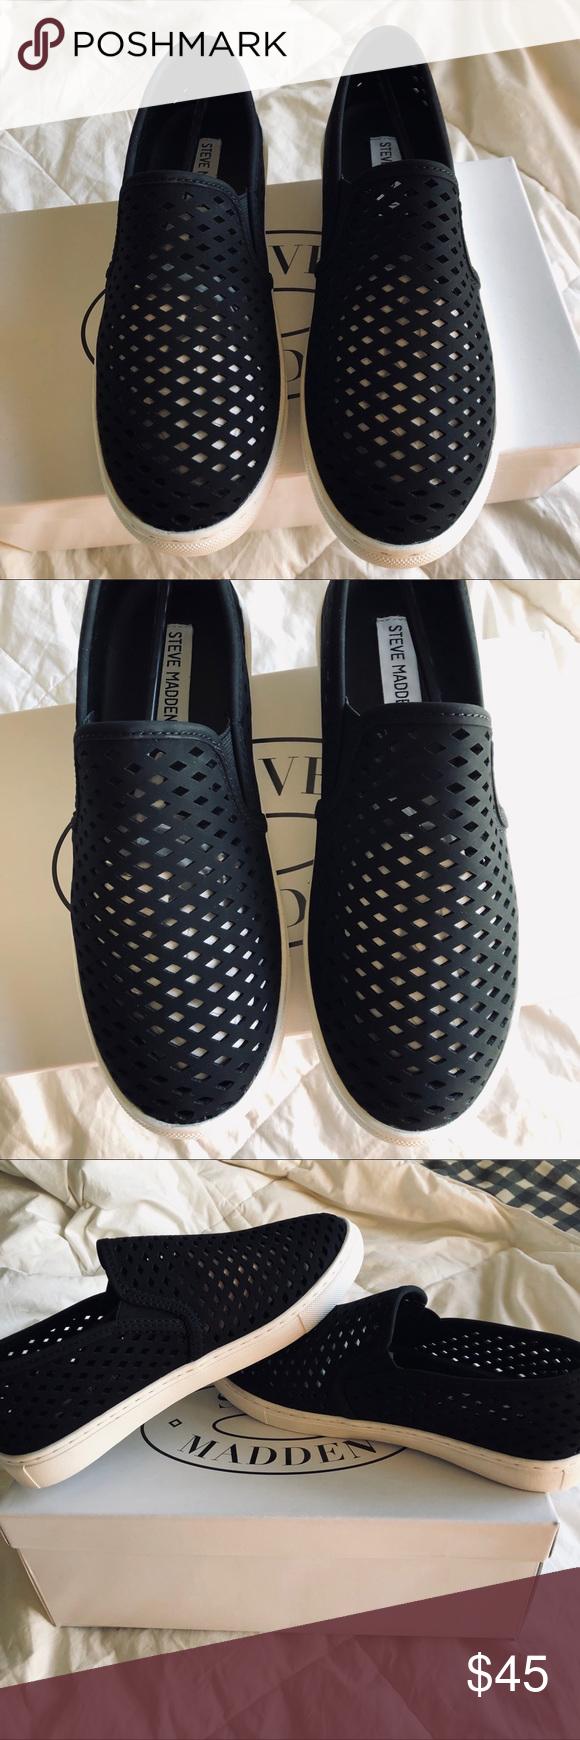 595269bc386 Steve Madden Zeena slip on shoes Steve Madden Zeena slip on black  perforated shoes. Perfect